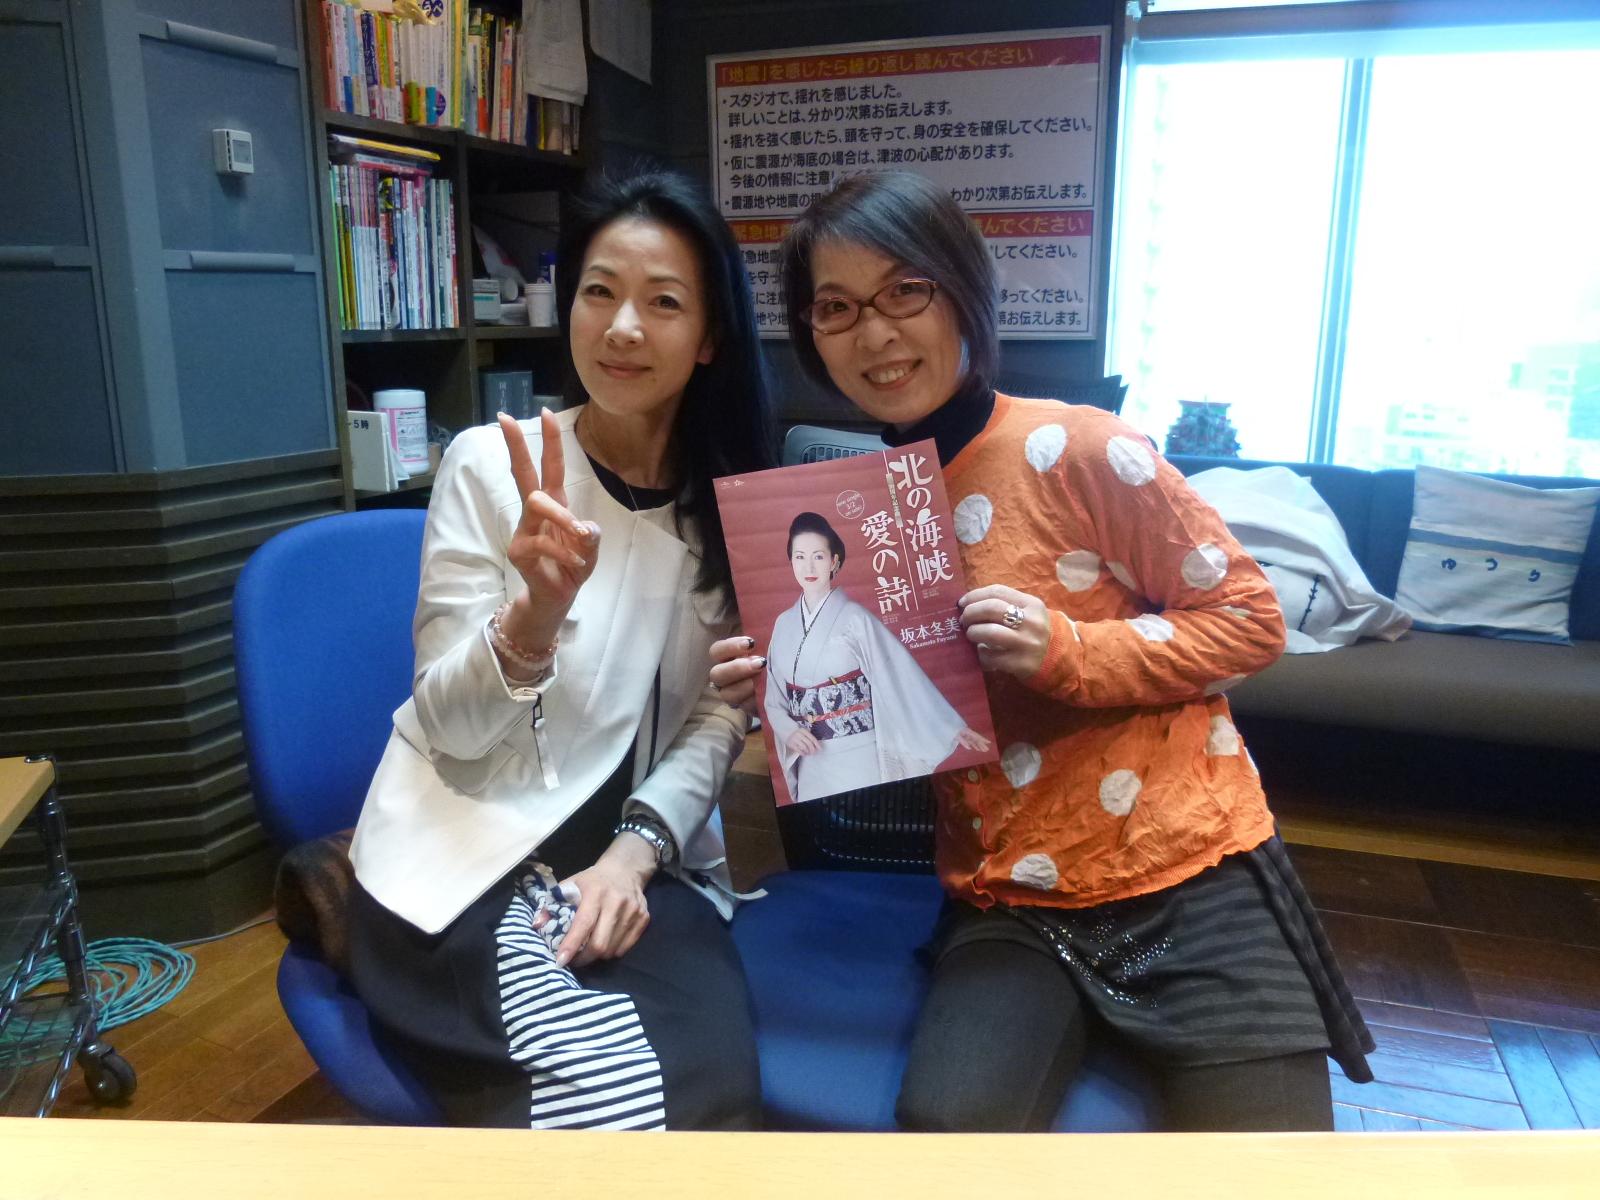 演歌歌手の坂本冬美さんをお迎えしました